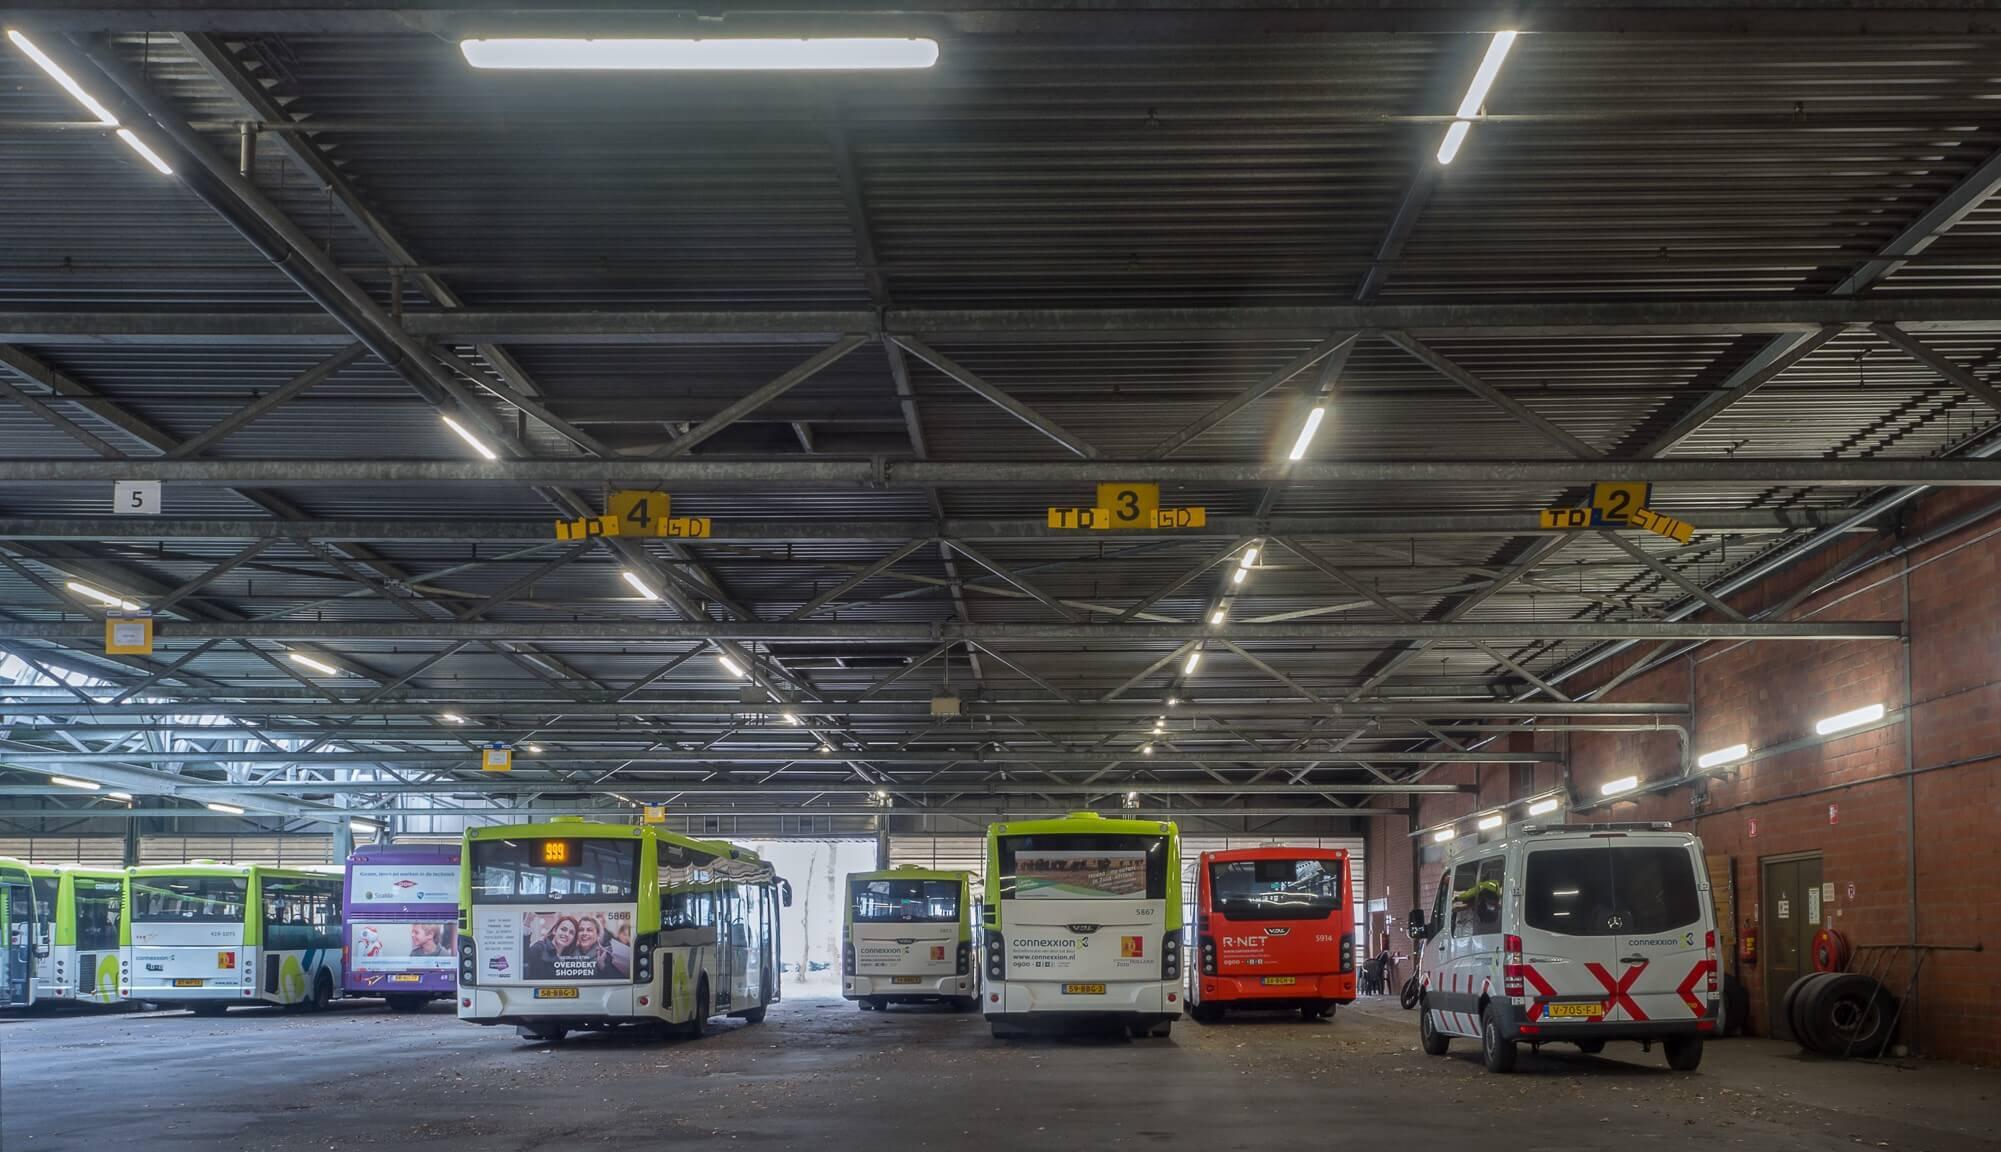 Verlichting Voor Garage : Verlichting connexxion in heinenoord steutel installatietechniek